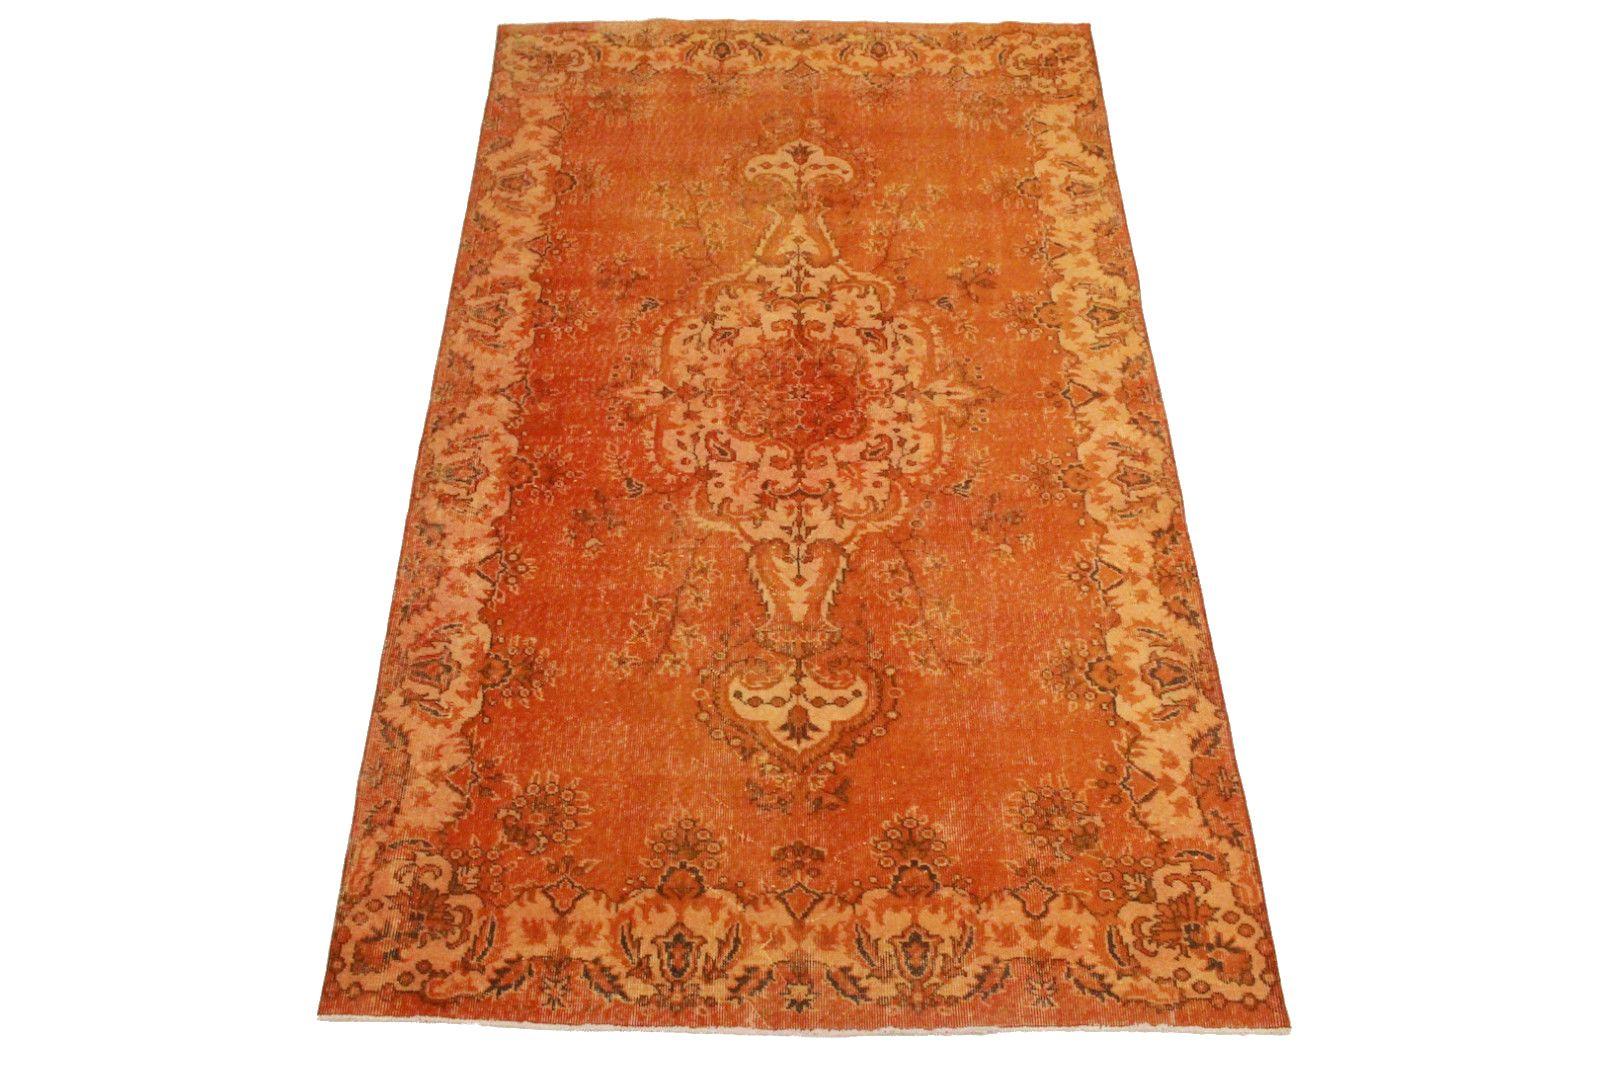 Vintage Teppich Orange in 290x170cm